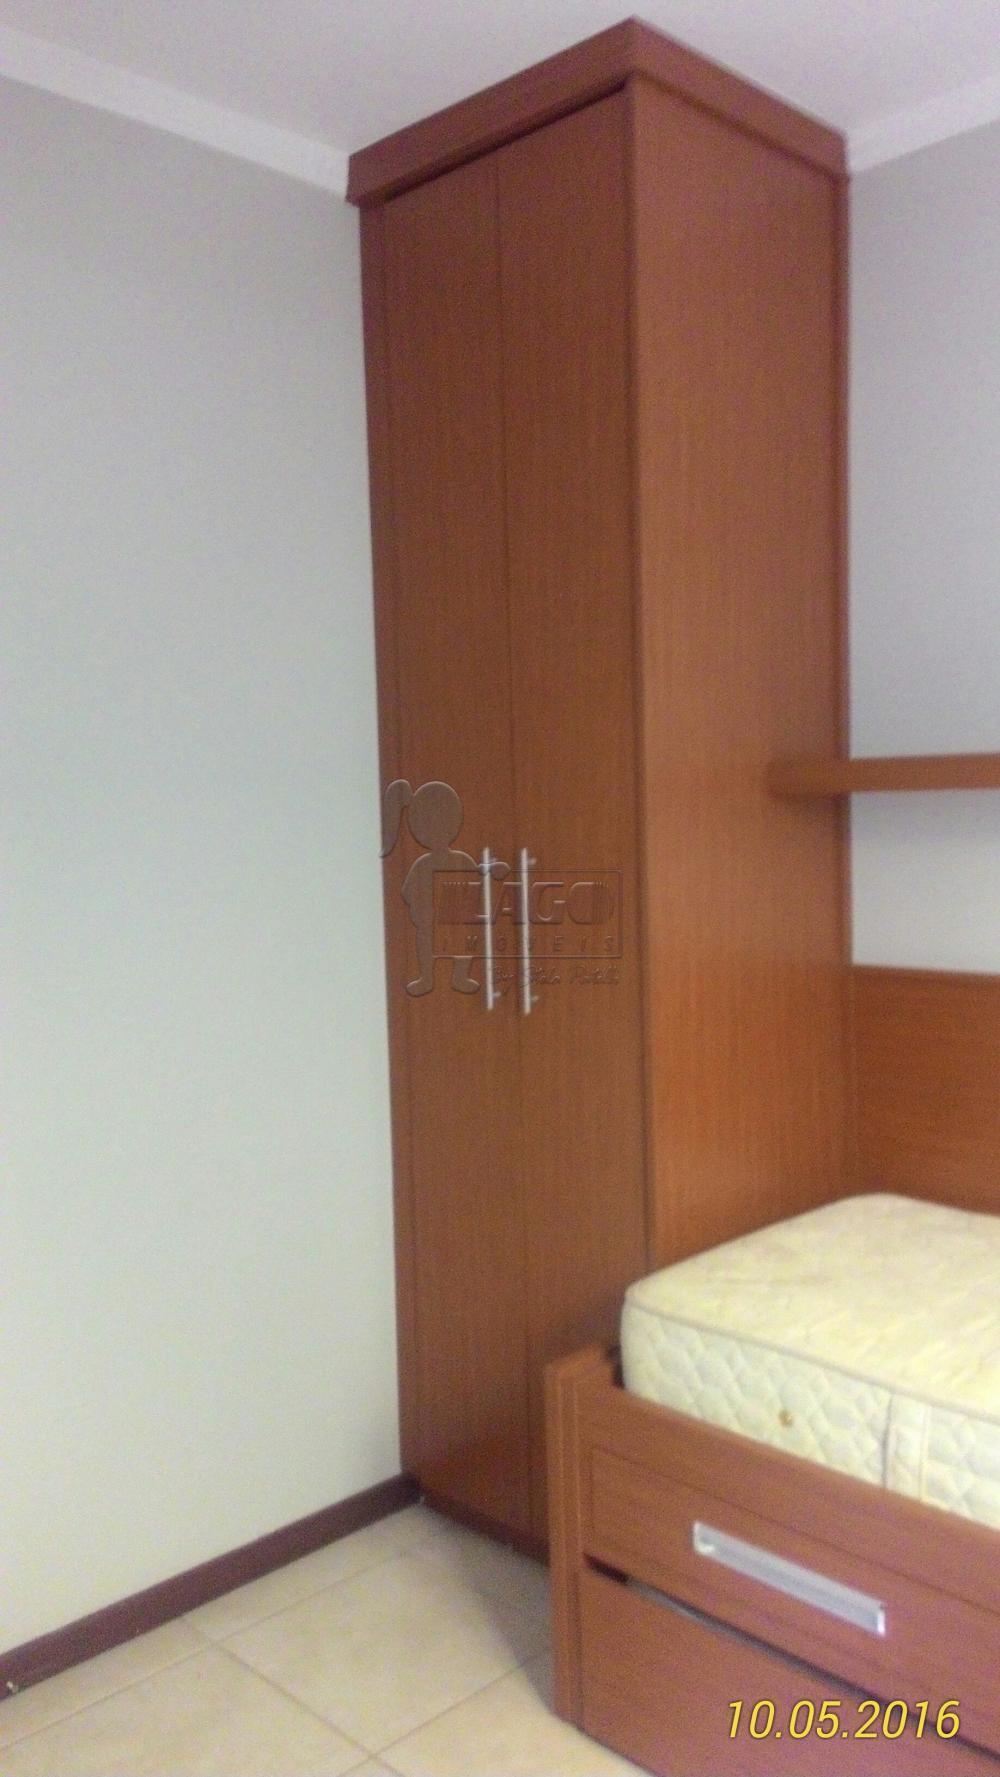 Alugar Casas / Condomínio em Bonfim Paulista apenas R$ 3.800,00 - Foto 8